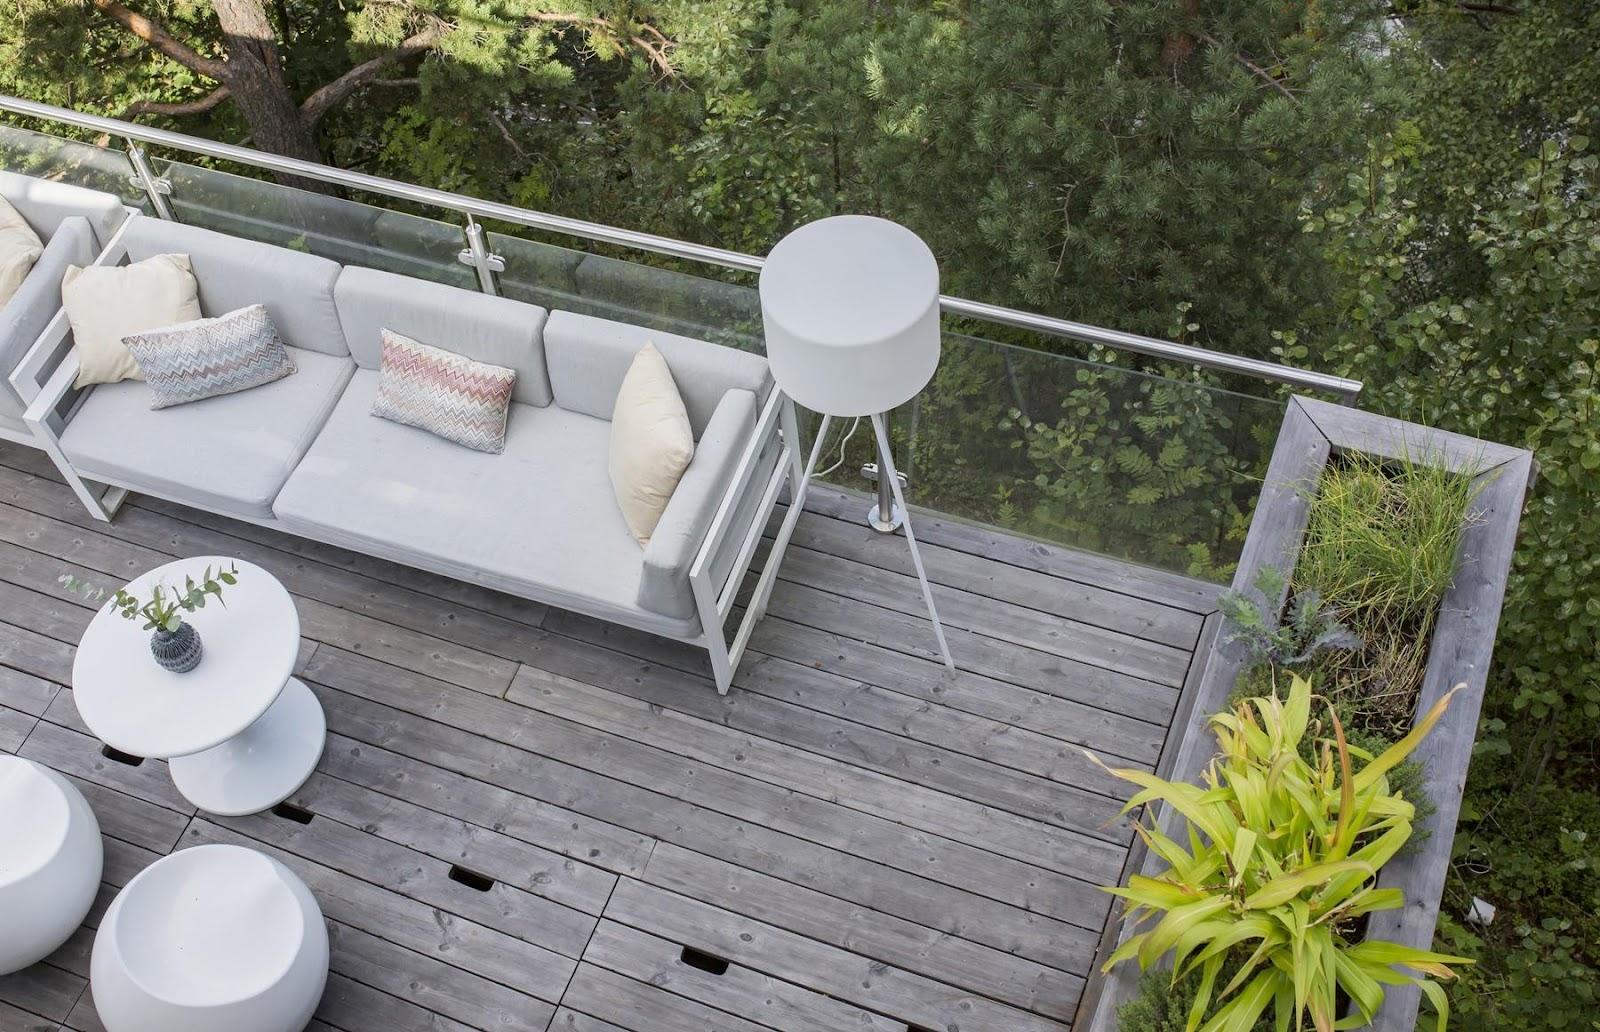 Choisissez la dimension qui convient à votre environnement : En choisissant des lames de terrasse de différentes dimensions, vous pouvez adapter l'aspect de la terrasse à son cadre environnant.